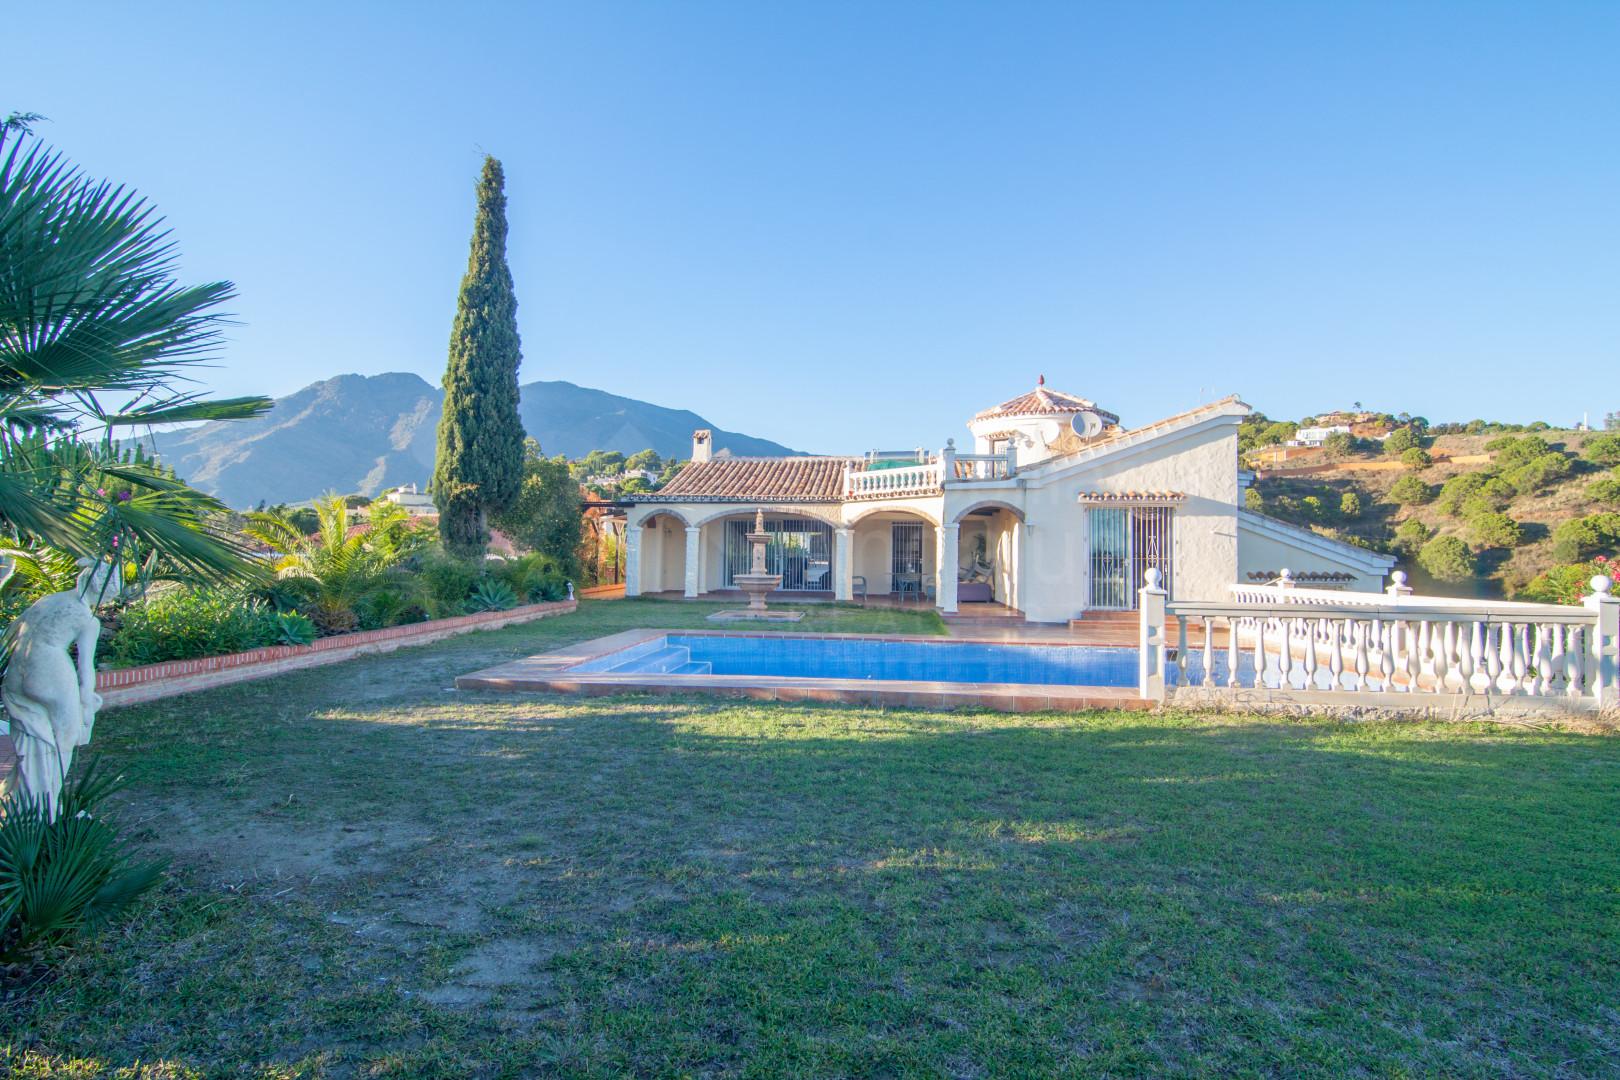 4 bedroom family villa for sale in Los Reales Estepona